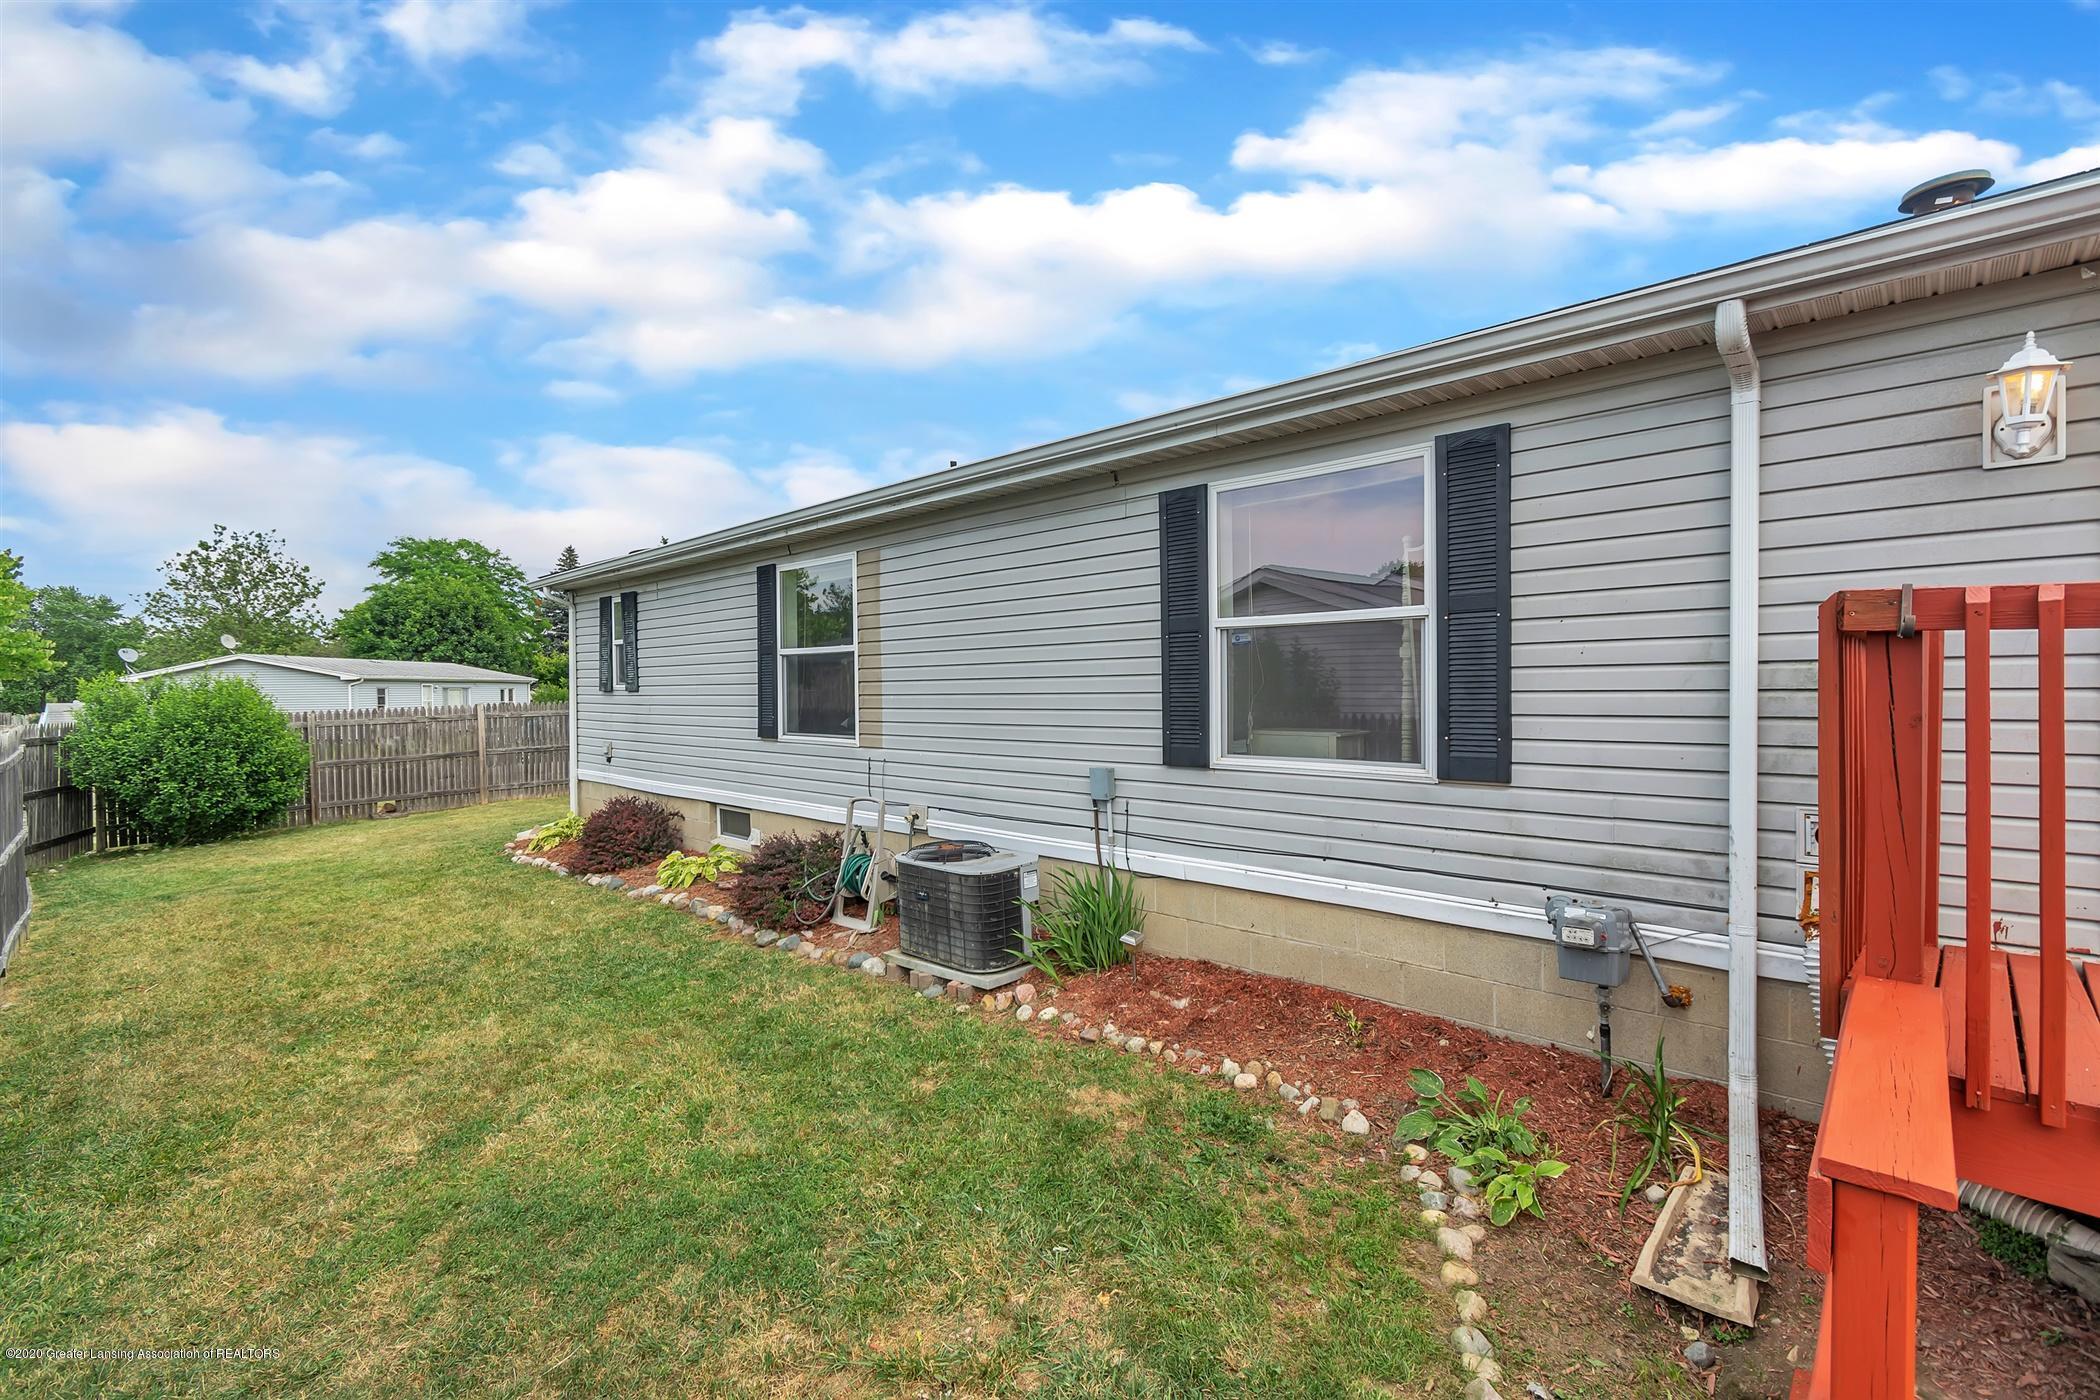 4214 Glenburne Blvd - 54-4214 Glenburne Blvd-WindowStill- - 52